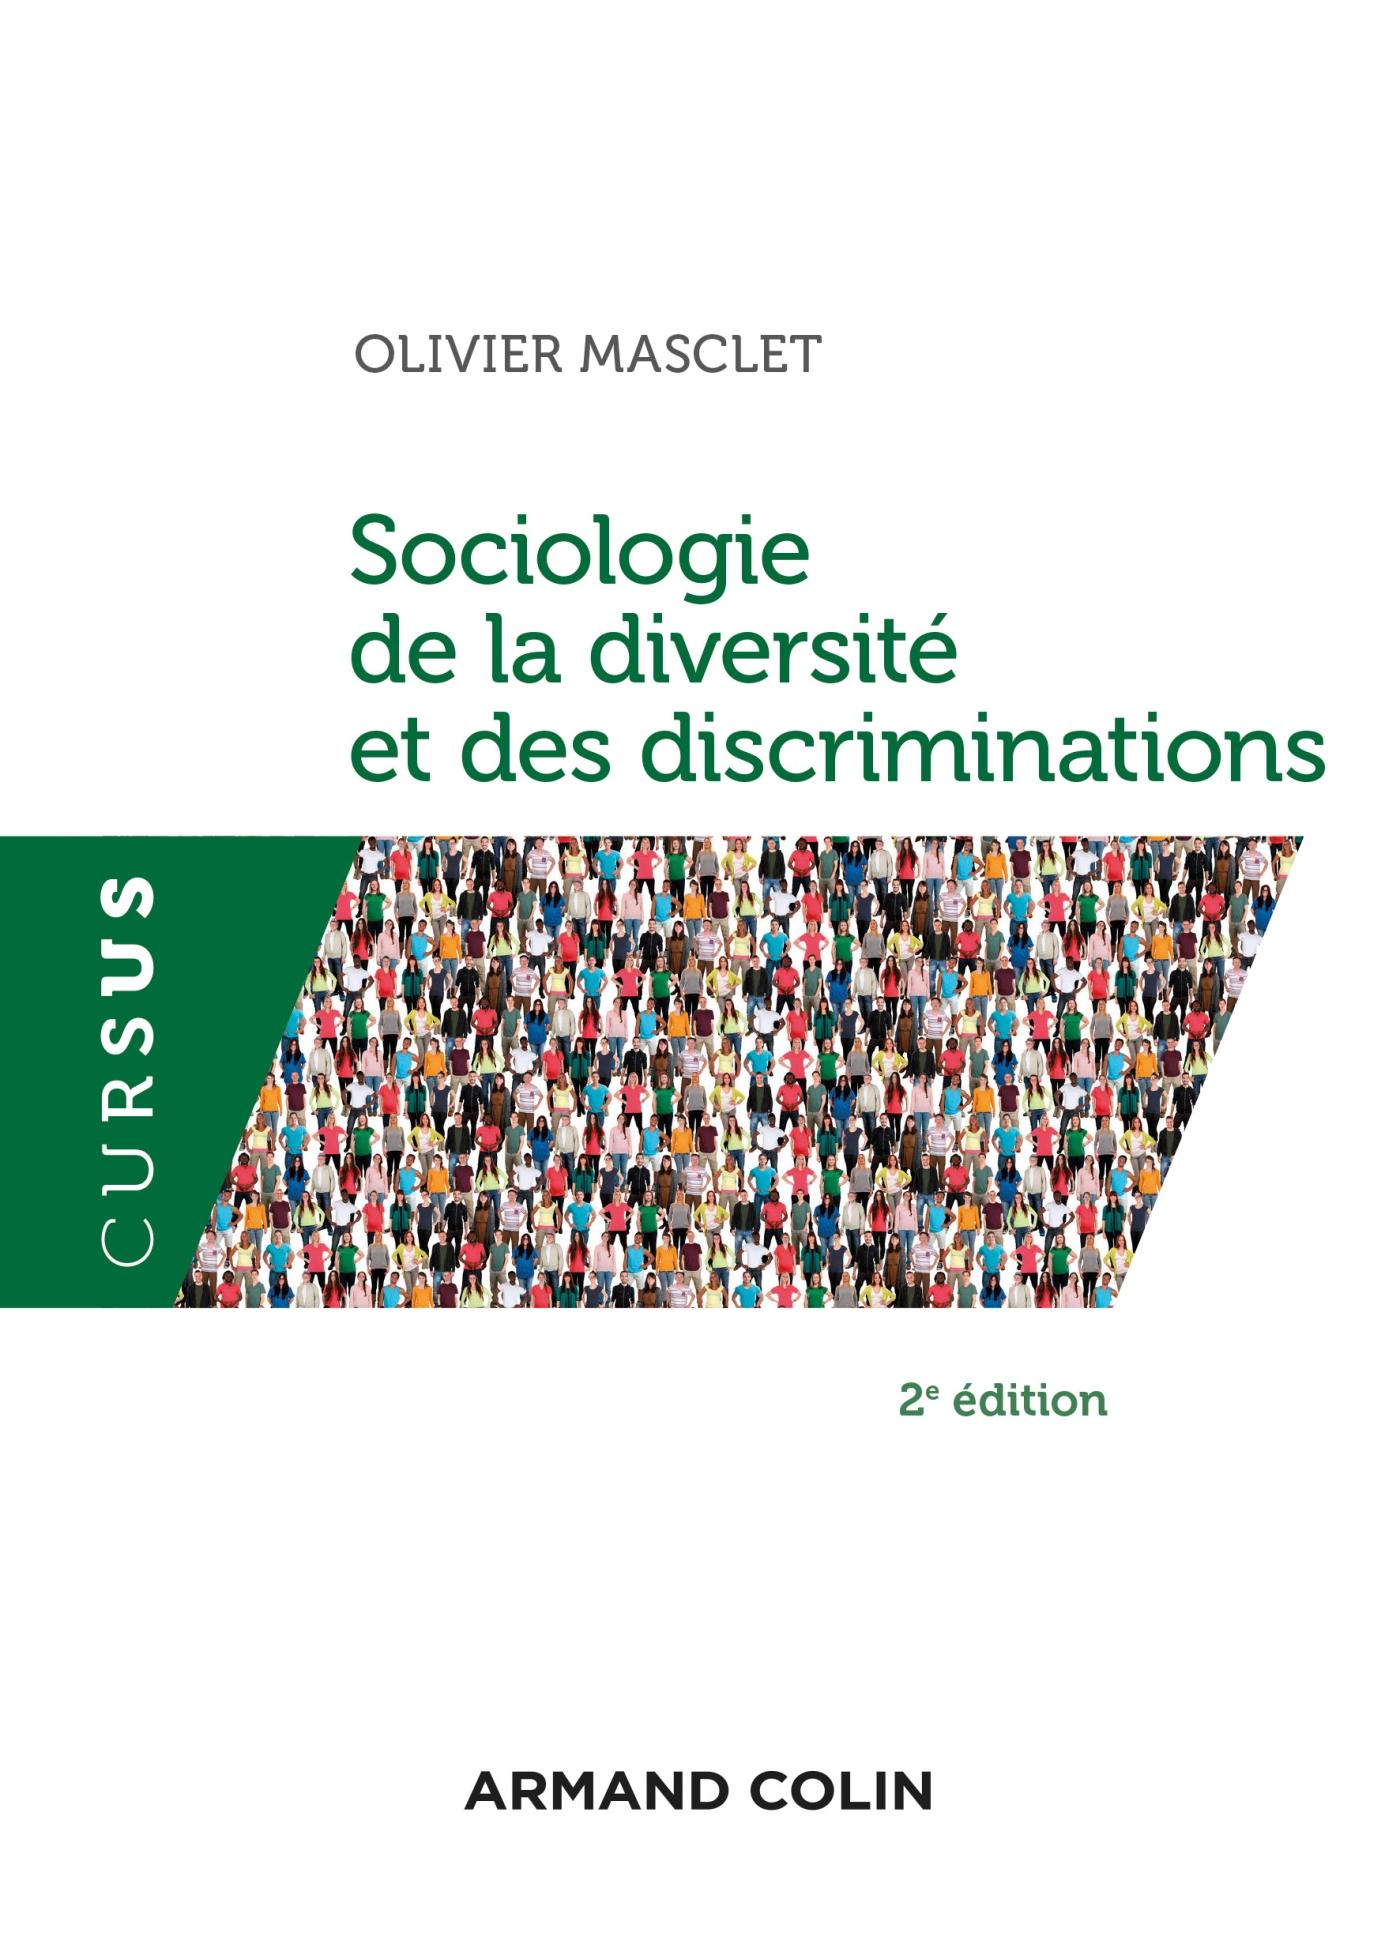 Sociologie de la diversité et des discriminations